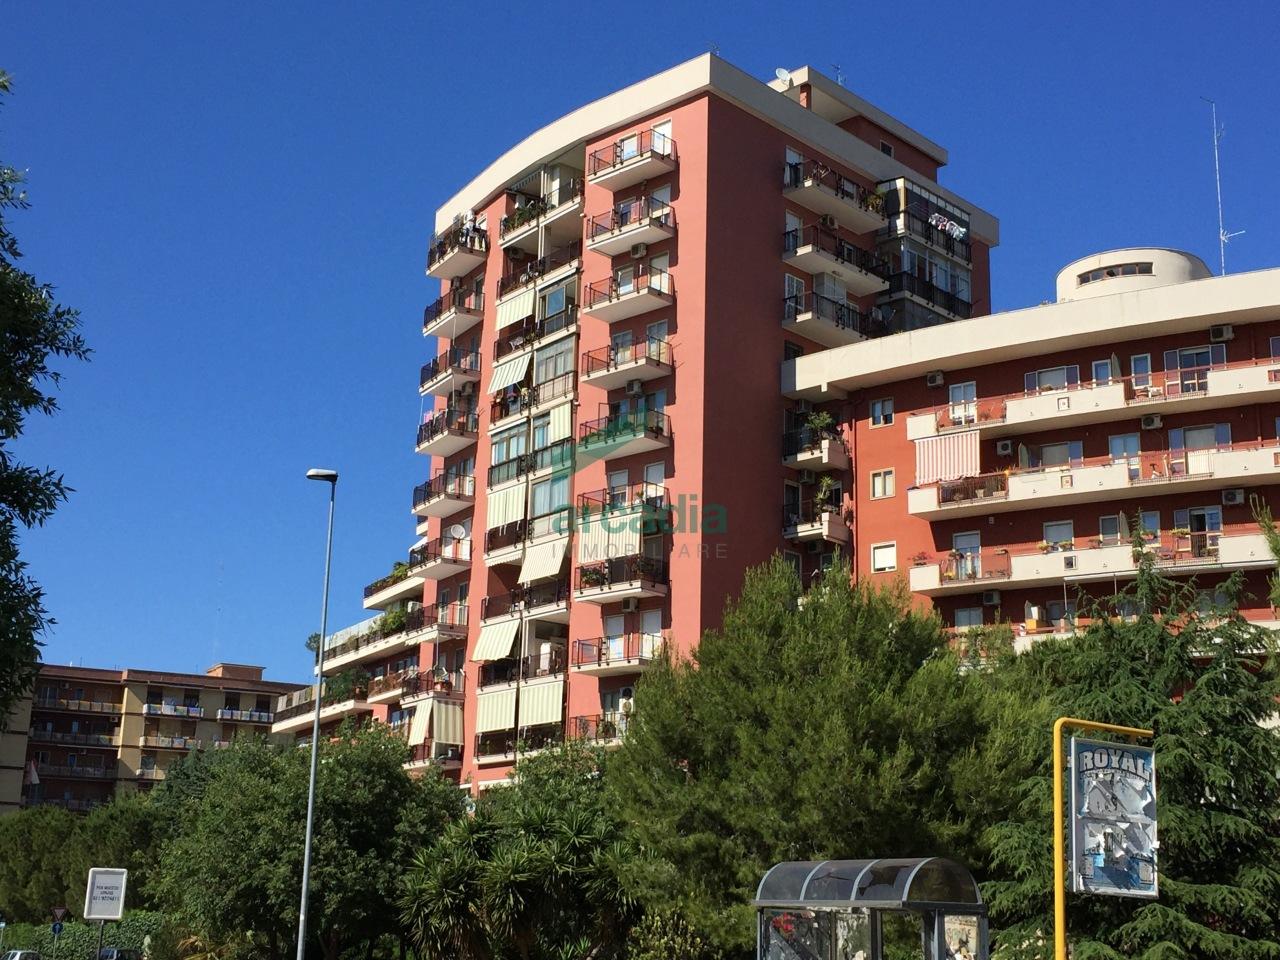 Appartamento in vendita a Bari, 4 locali, prezzo € 270.000 | Cambio Casa.it